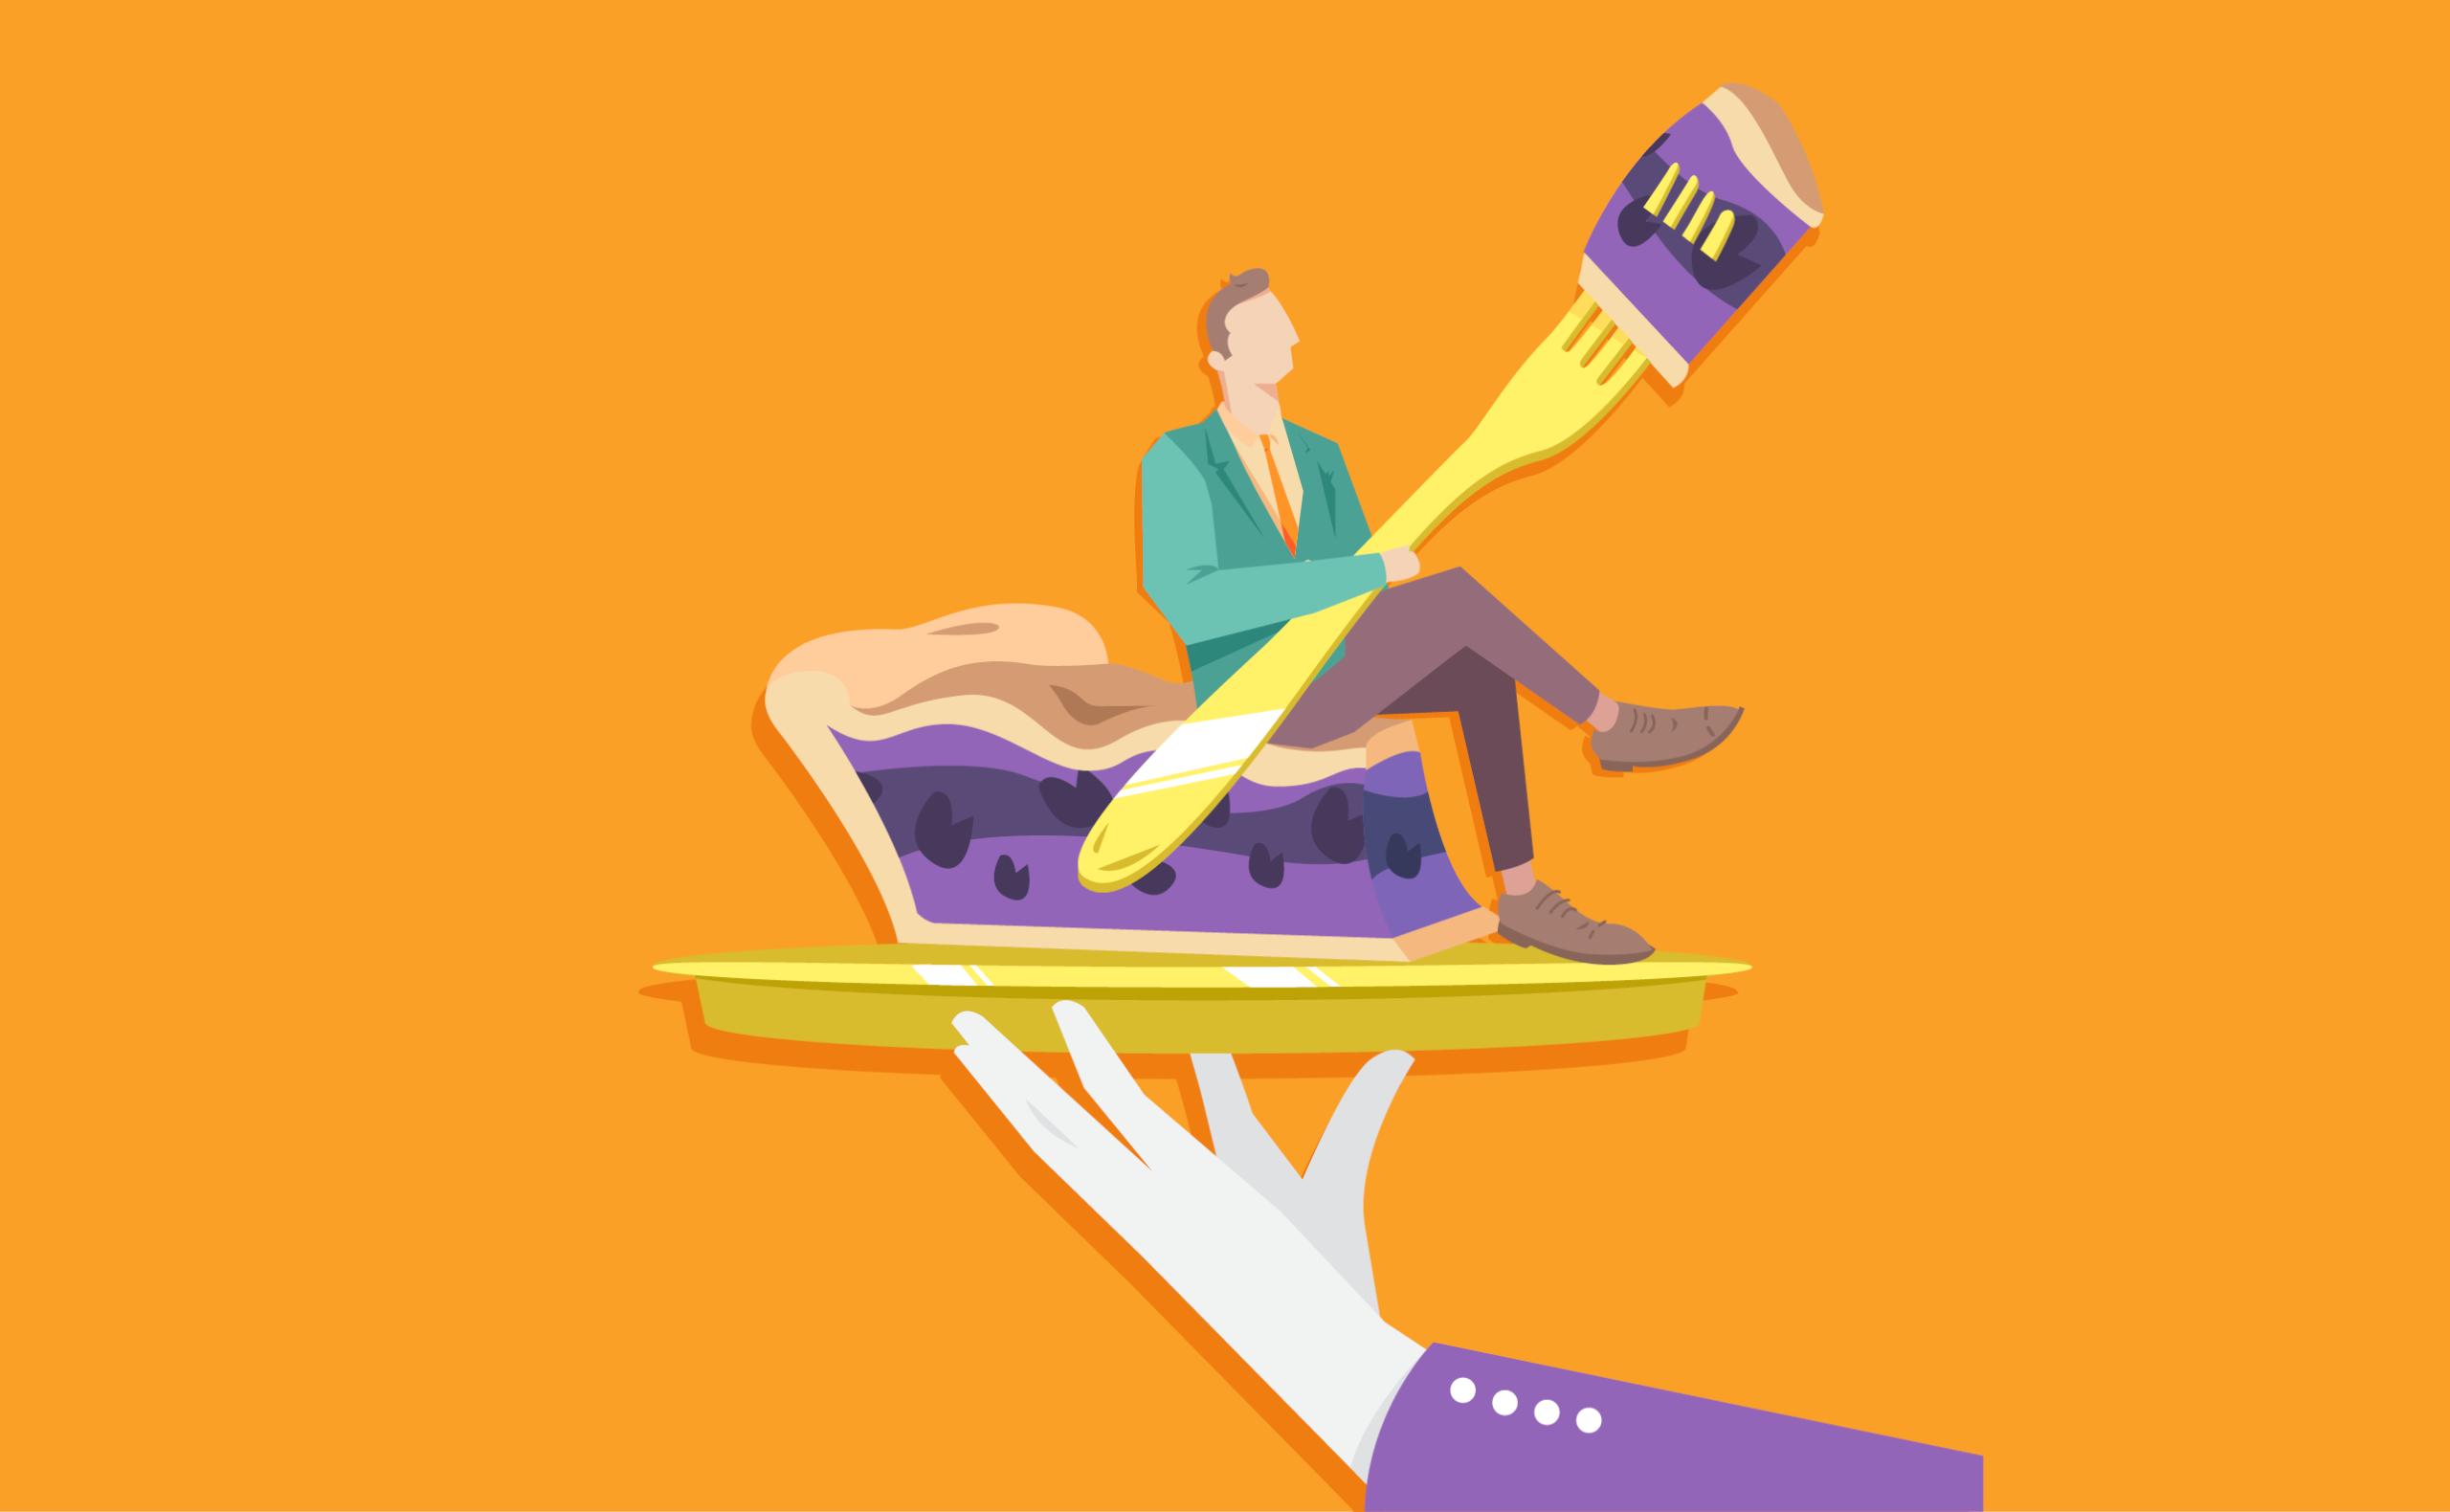 Ilustração de um braço segurando um prato com um homem sentado em cima de uma torta segurando um garfo